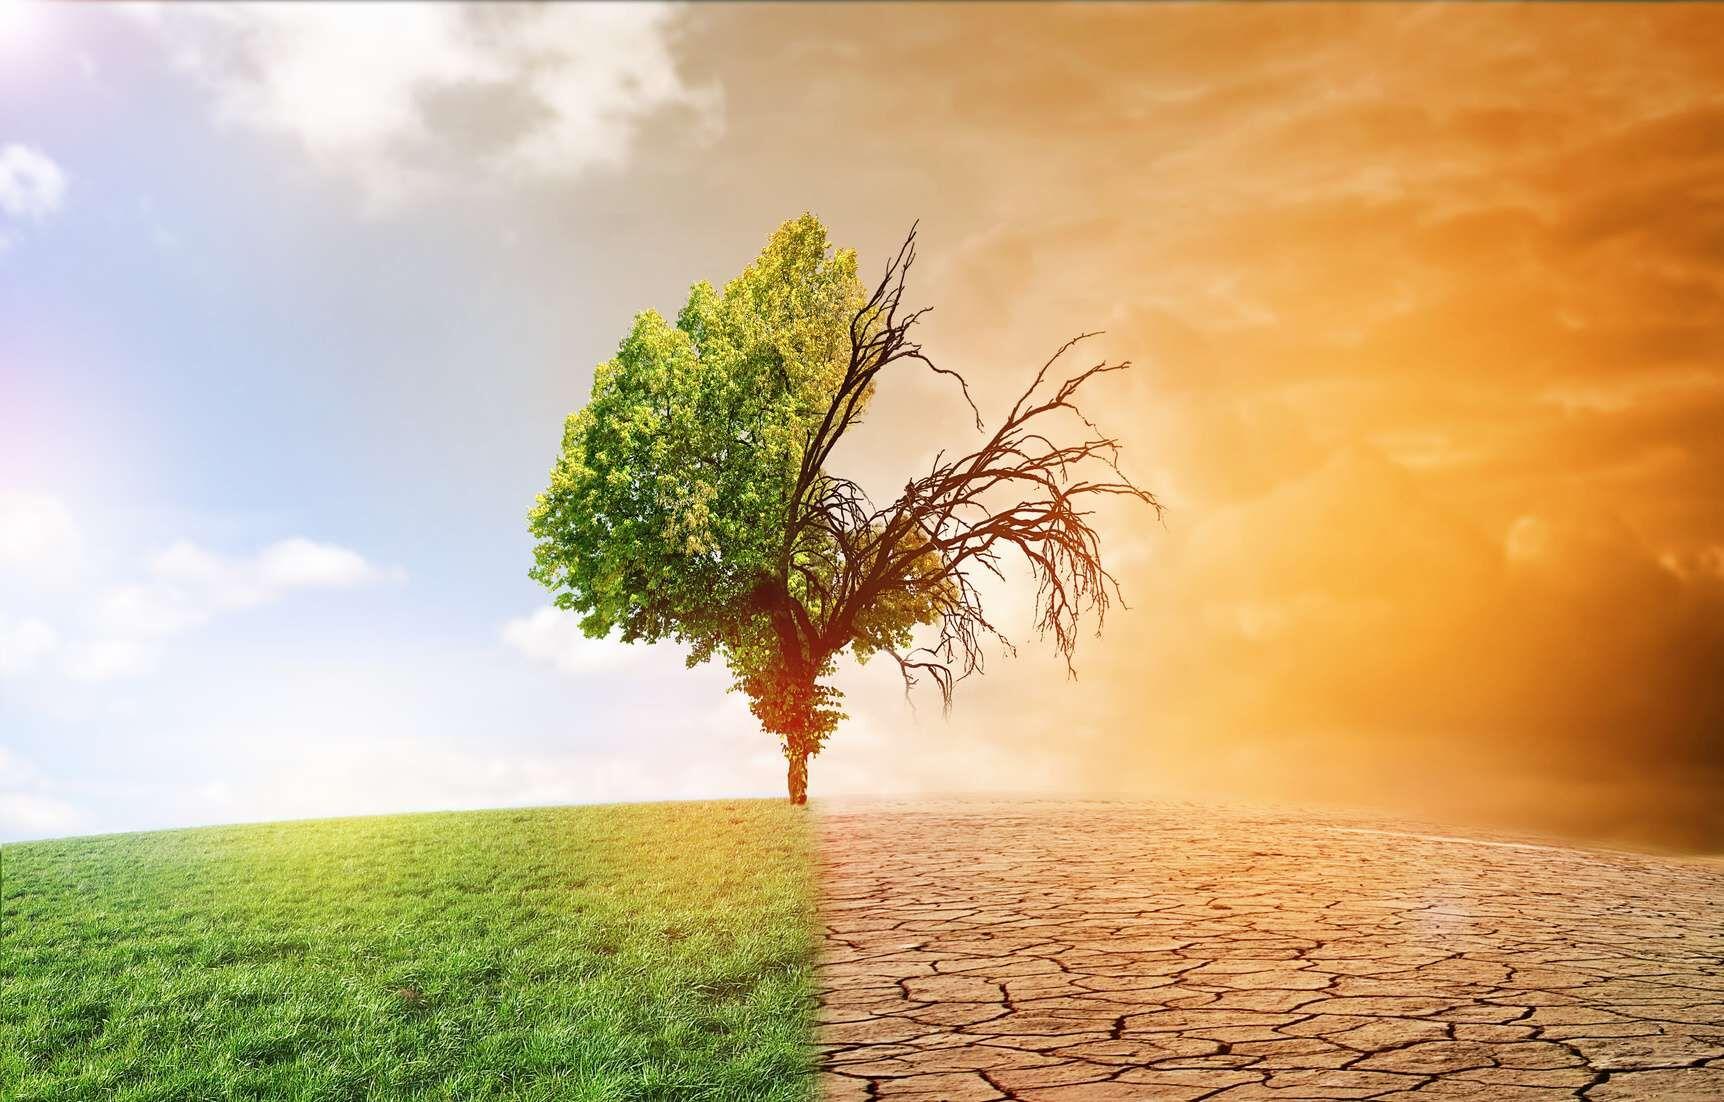 Prenons conscience que, en définitive, la Covid-19 constitue certes un énorme défi pour l'humanité, mais il n'est rien à côté des deux autres : se nourrir à 10 milliards sur une Planète aux ressources limitées, affronter et réduire le réchauffement climatique.